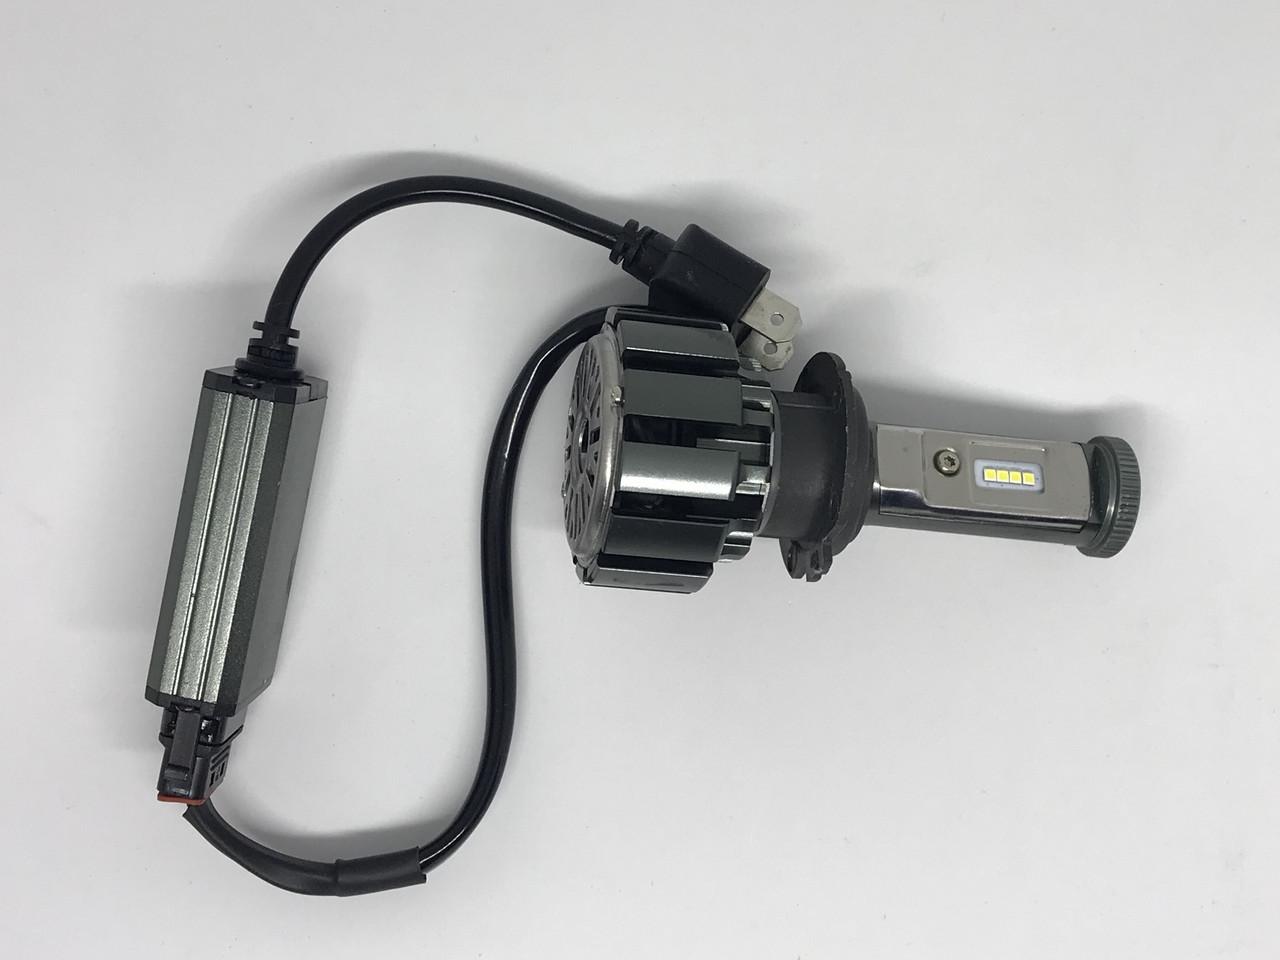 Комплект автомобильных ламп TurboLed T6 H4 6000K/8000 Лм с кулером (FL-159